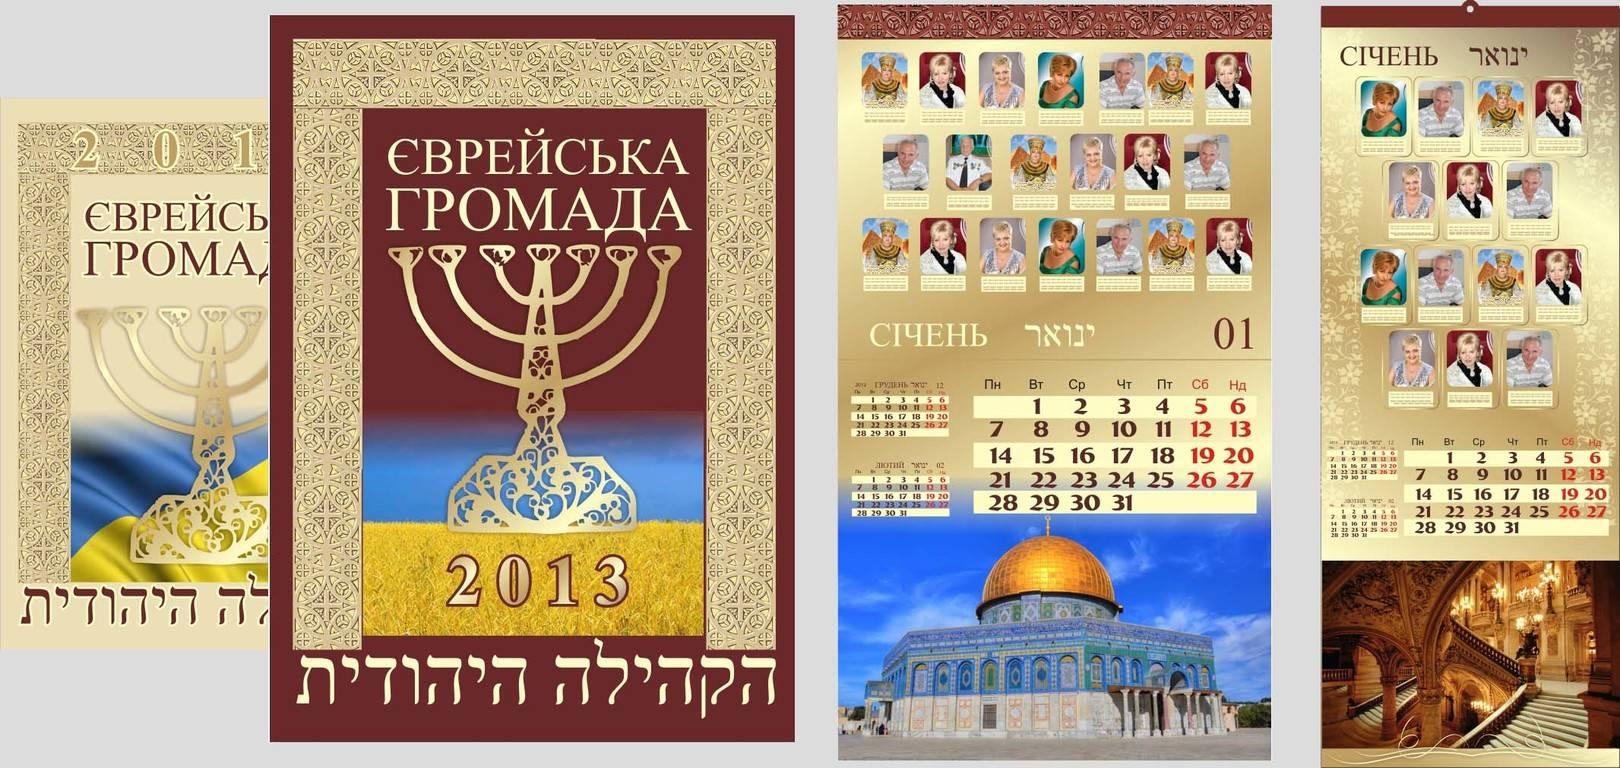 разработка дизайна корпоративного календаря